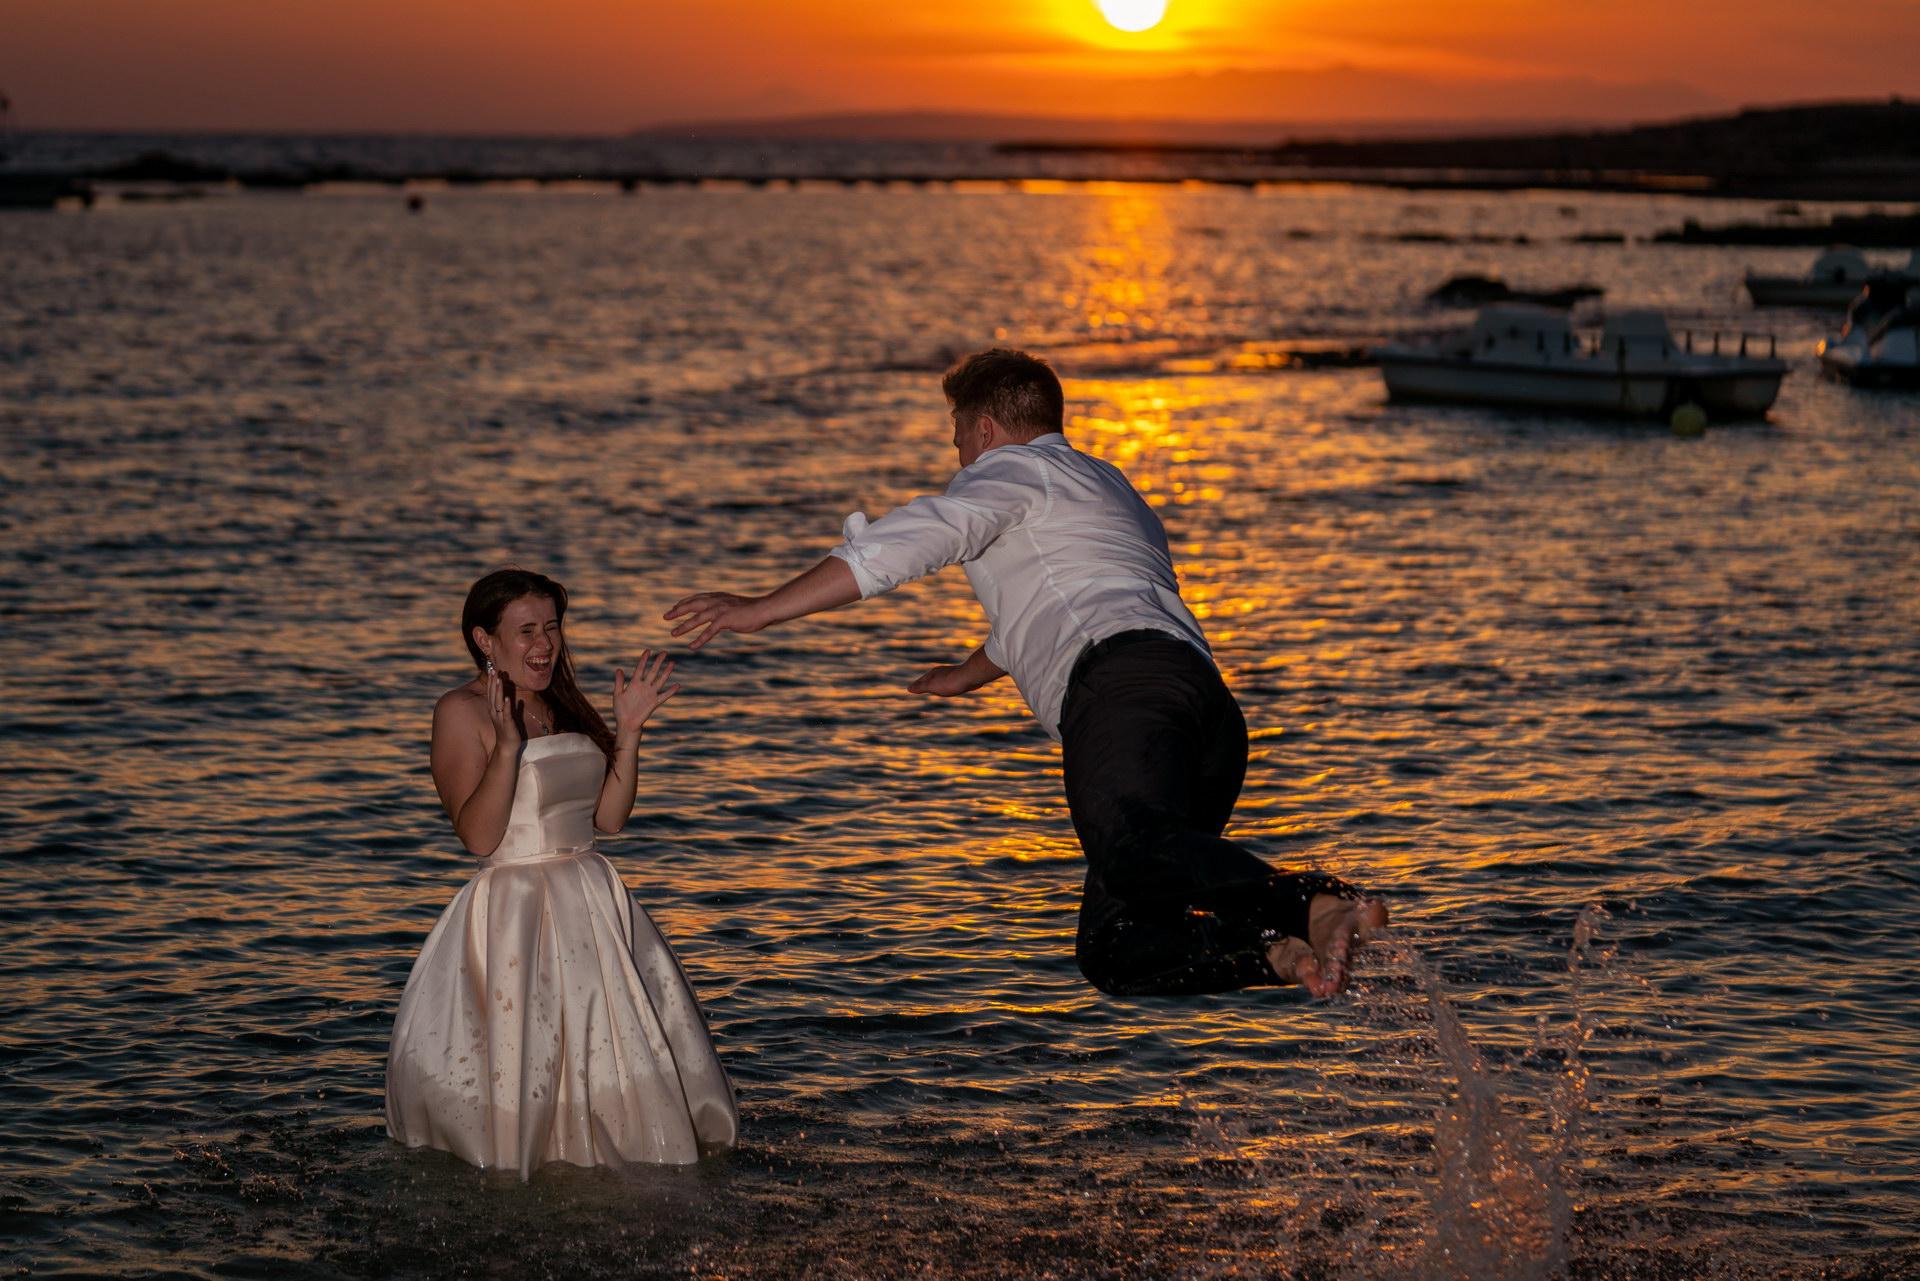 PIC03898_happyimagescyprus.com